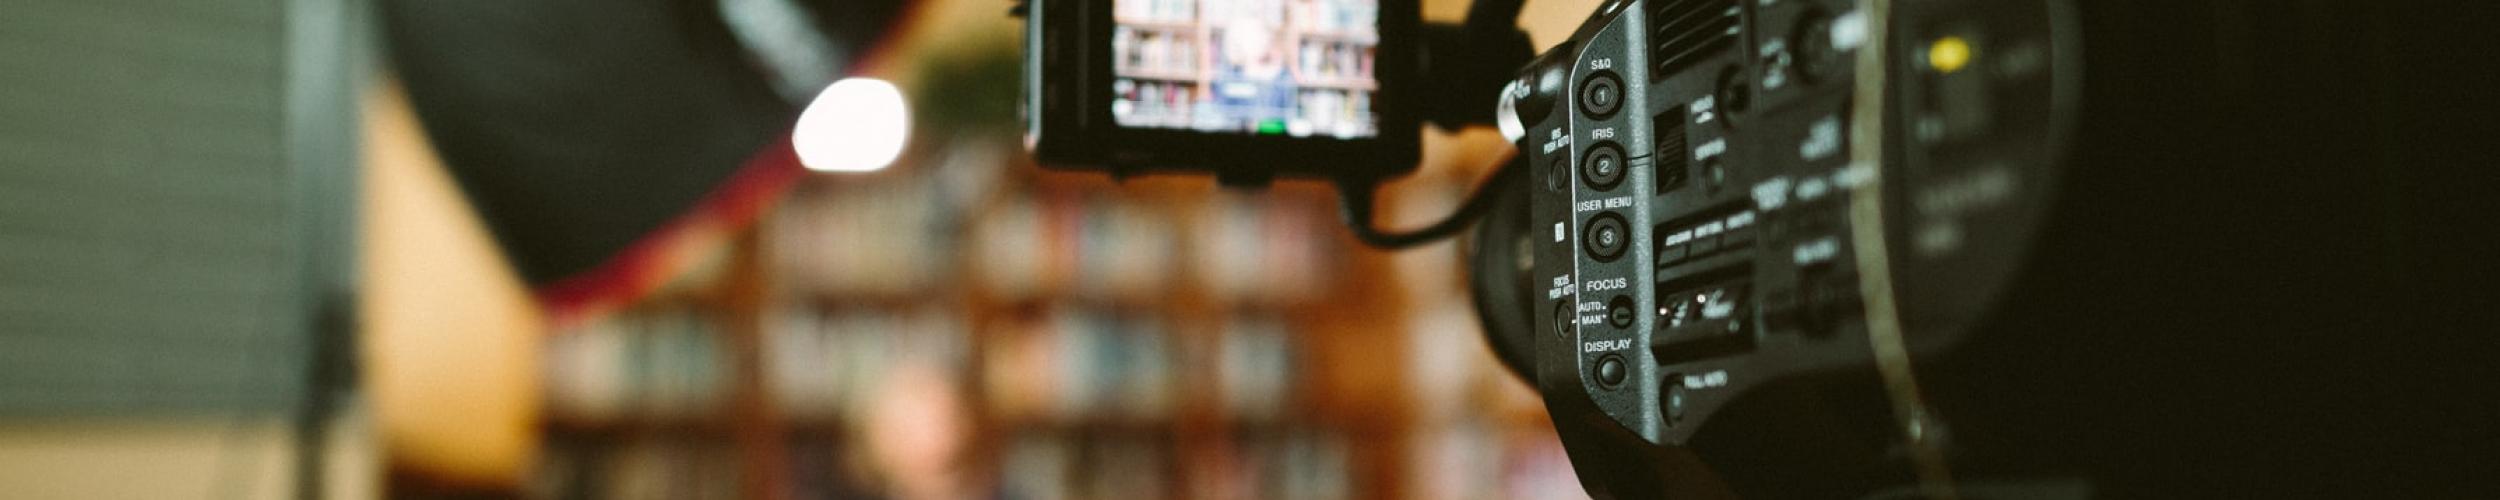 Testimonial video's - heb jij al dergelijke video's op je website?